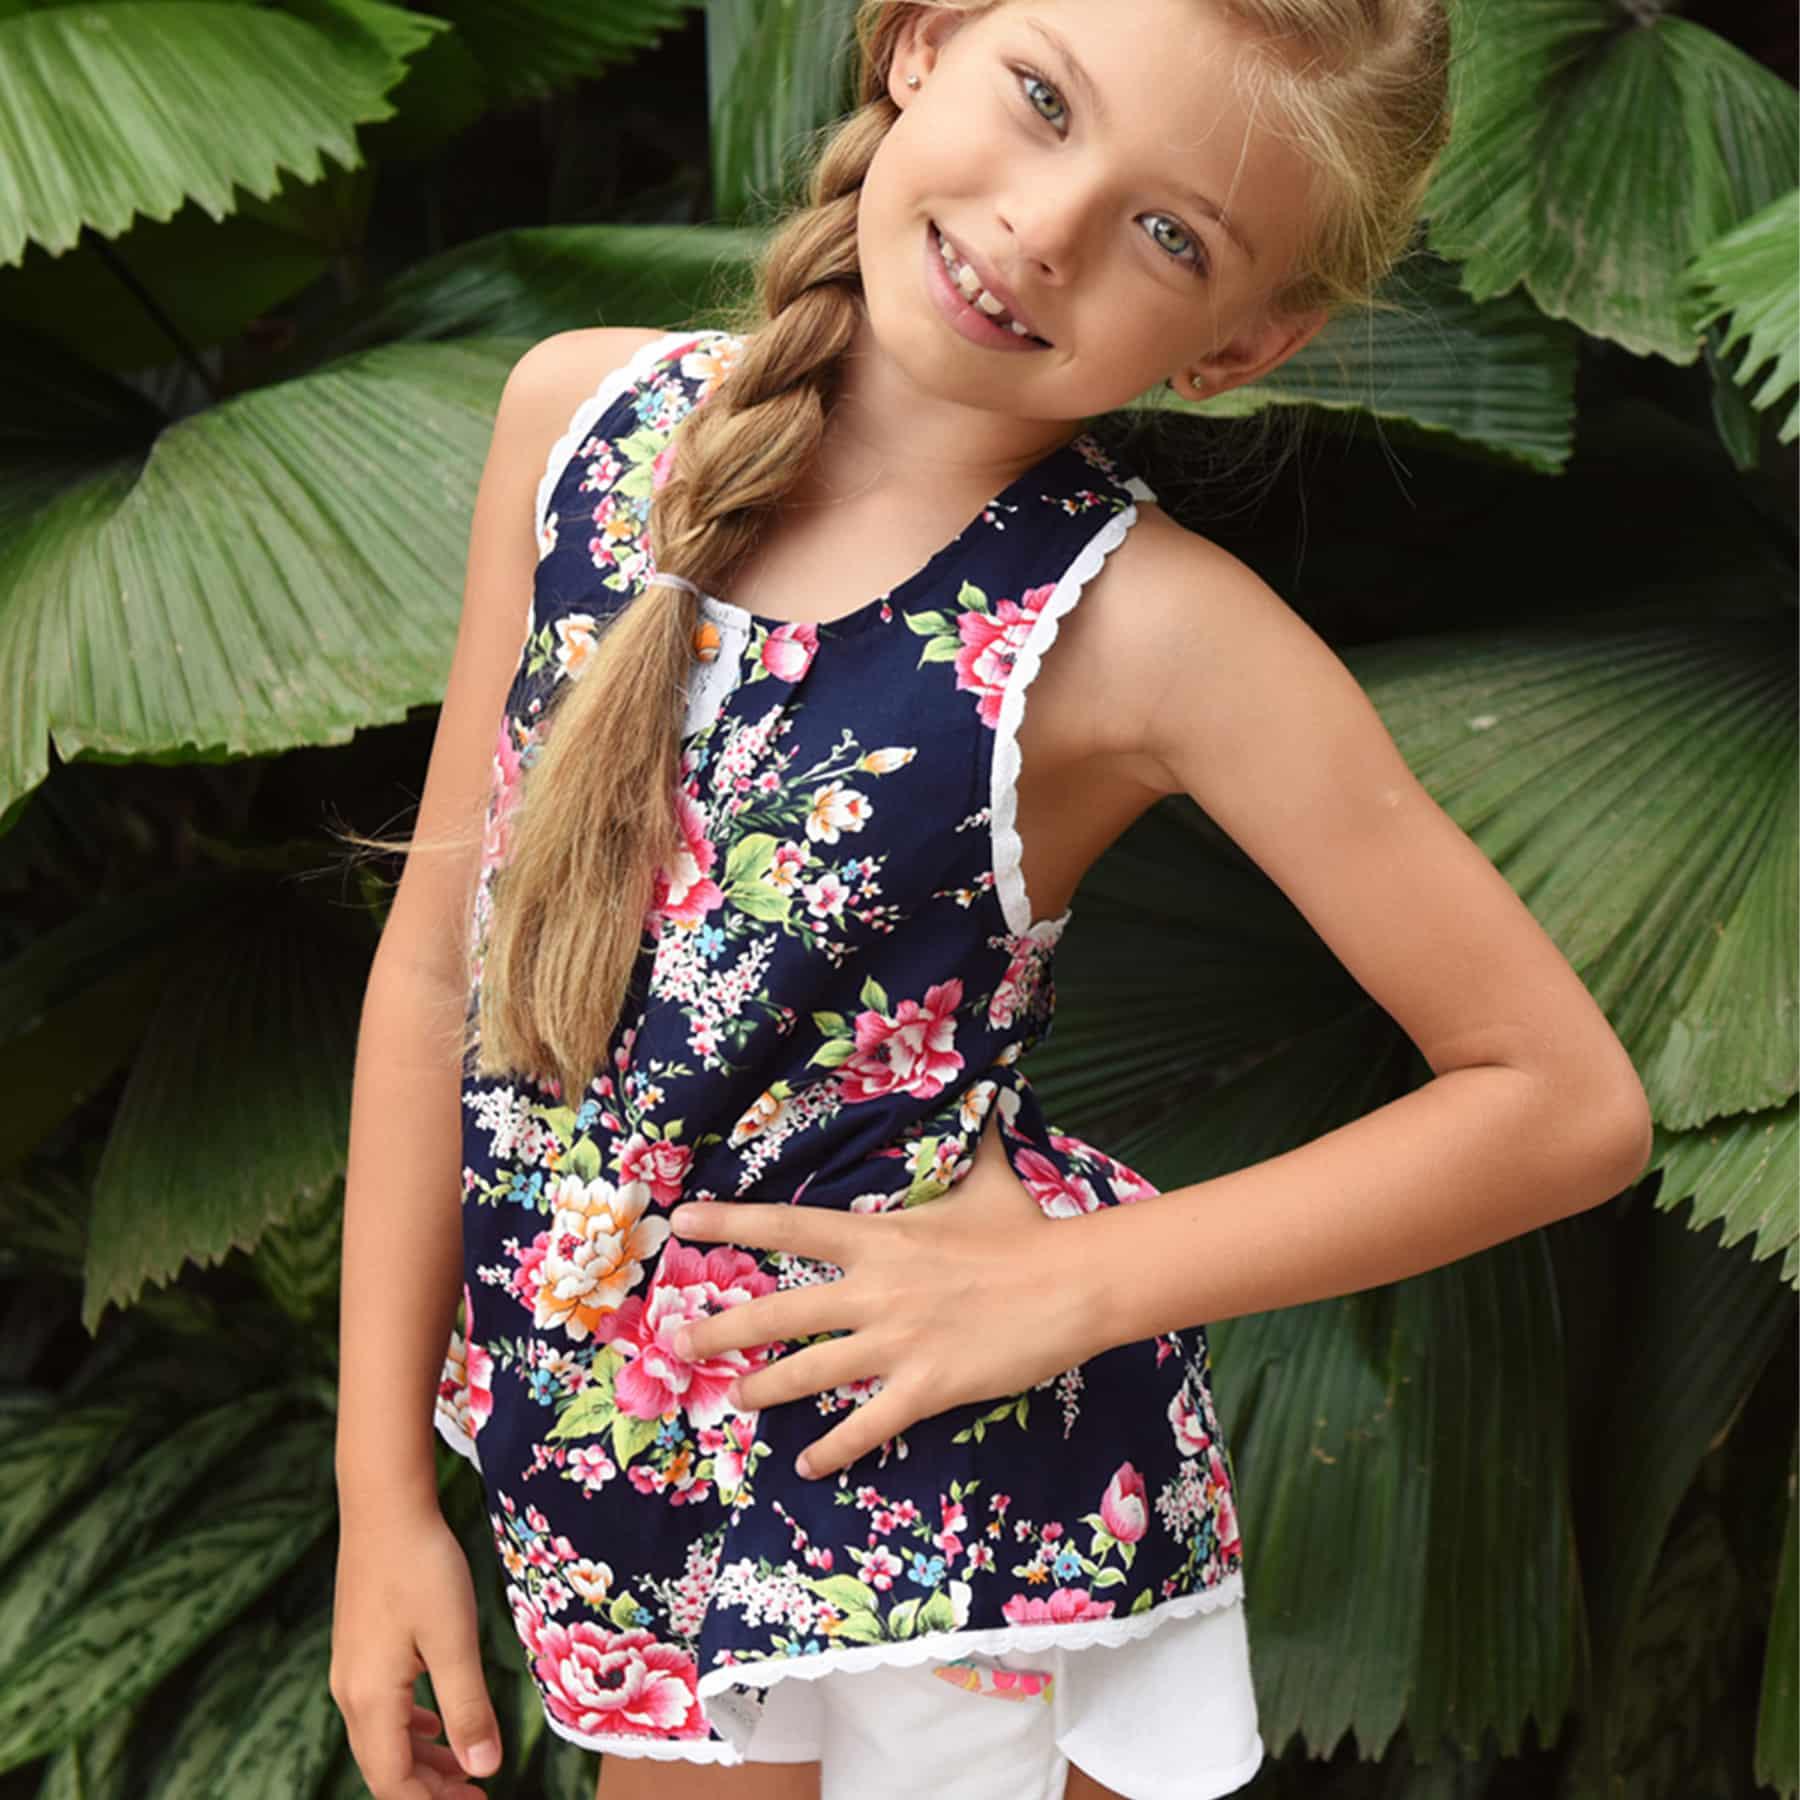 Blouse d'été en coton fleuri liberty bleu marine et rose bordé de fine dentelle blanche avec bretelles croisées dans le dos pour filles de 2 à 14 ans